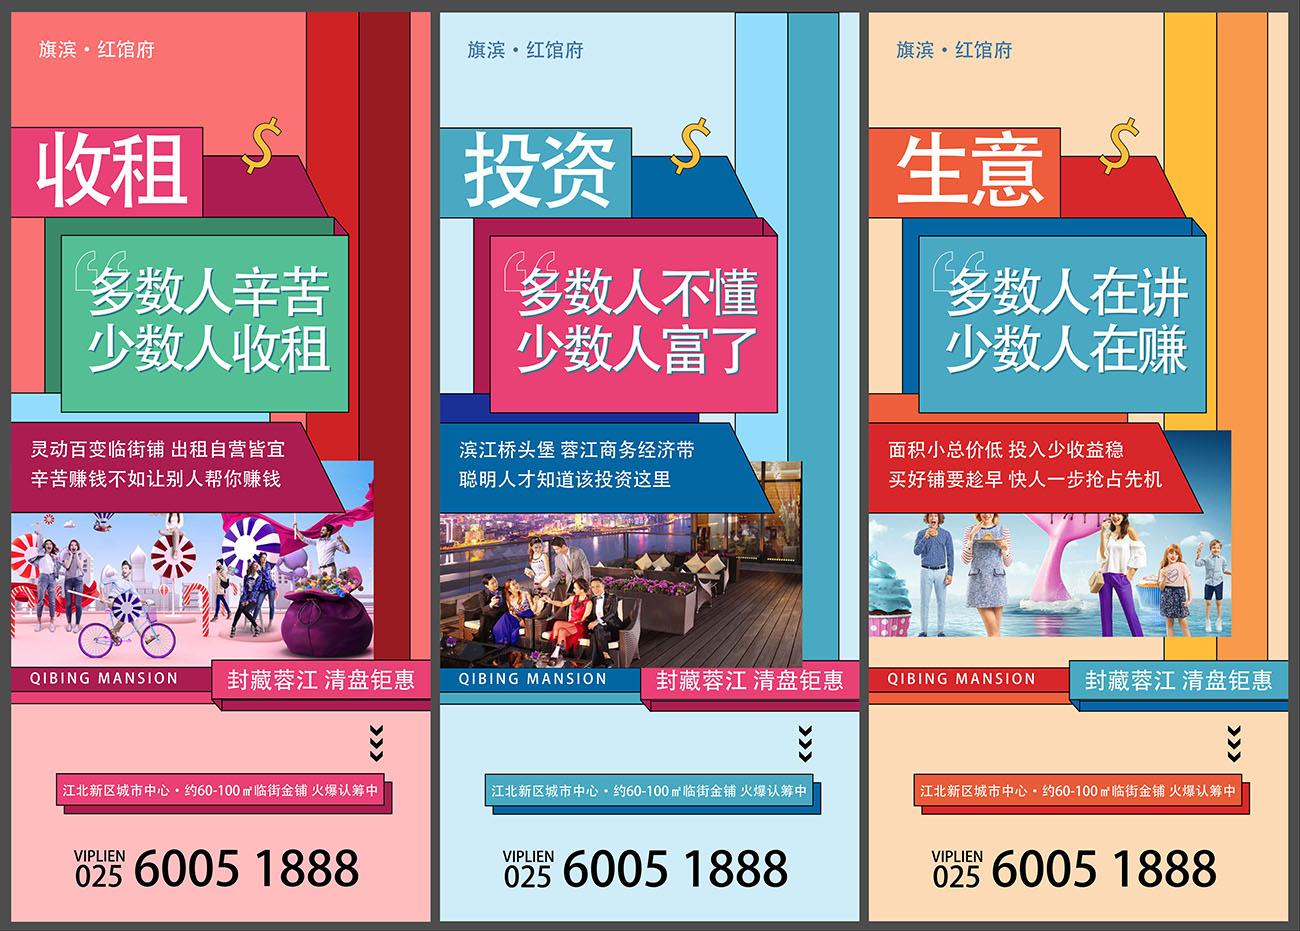 时尚商业地产系列价值点海报AI源文件插图